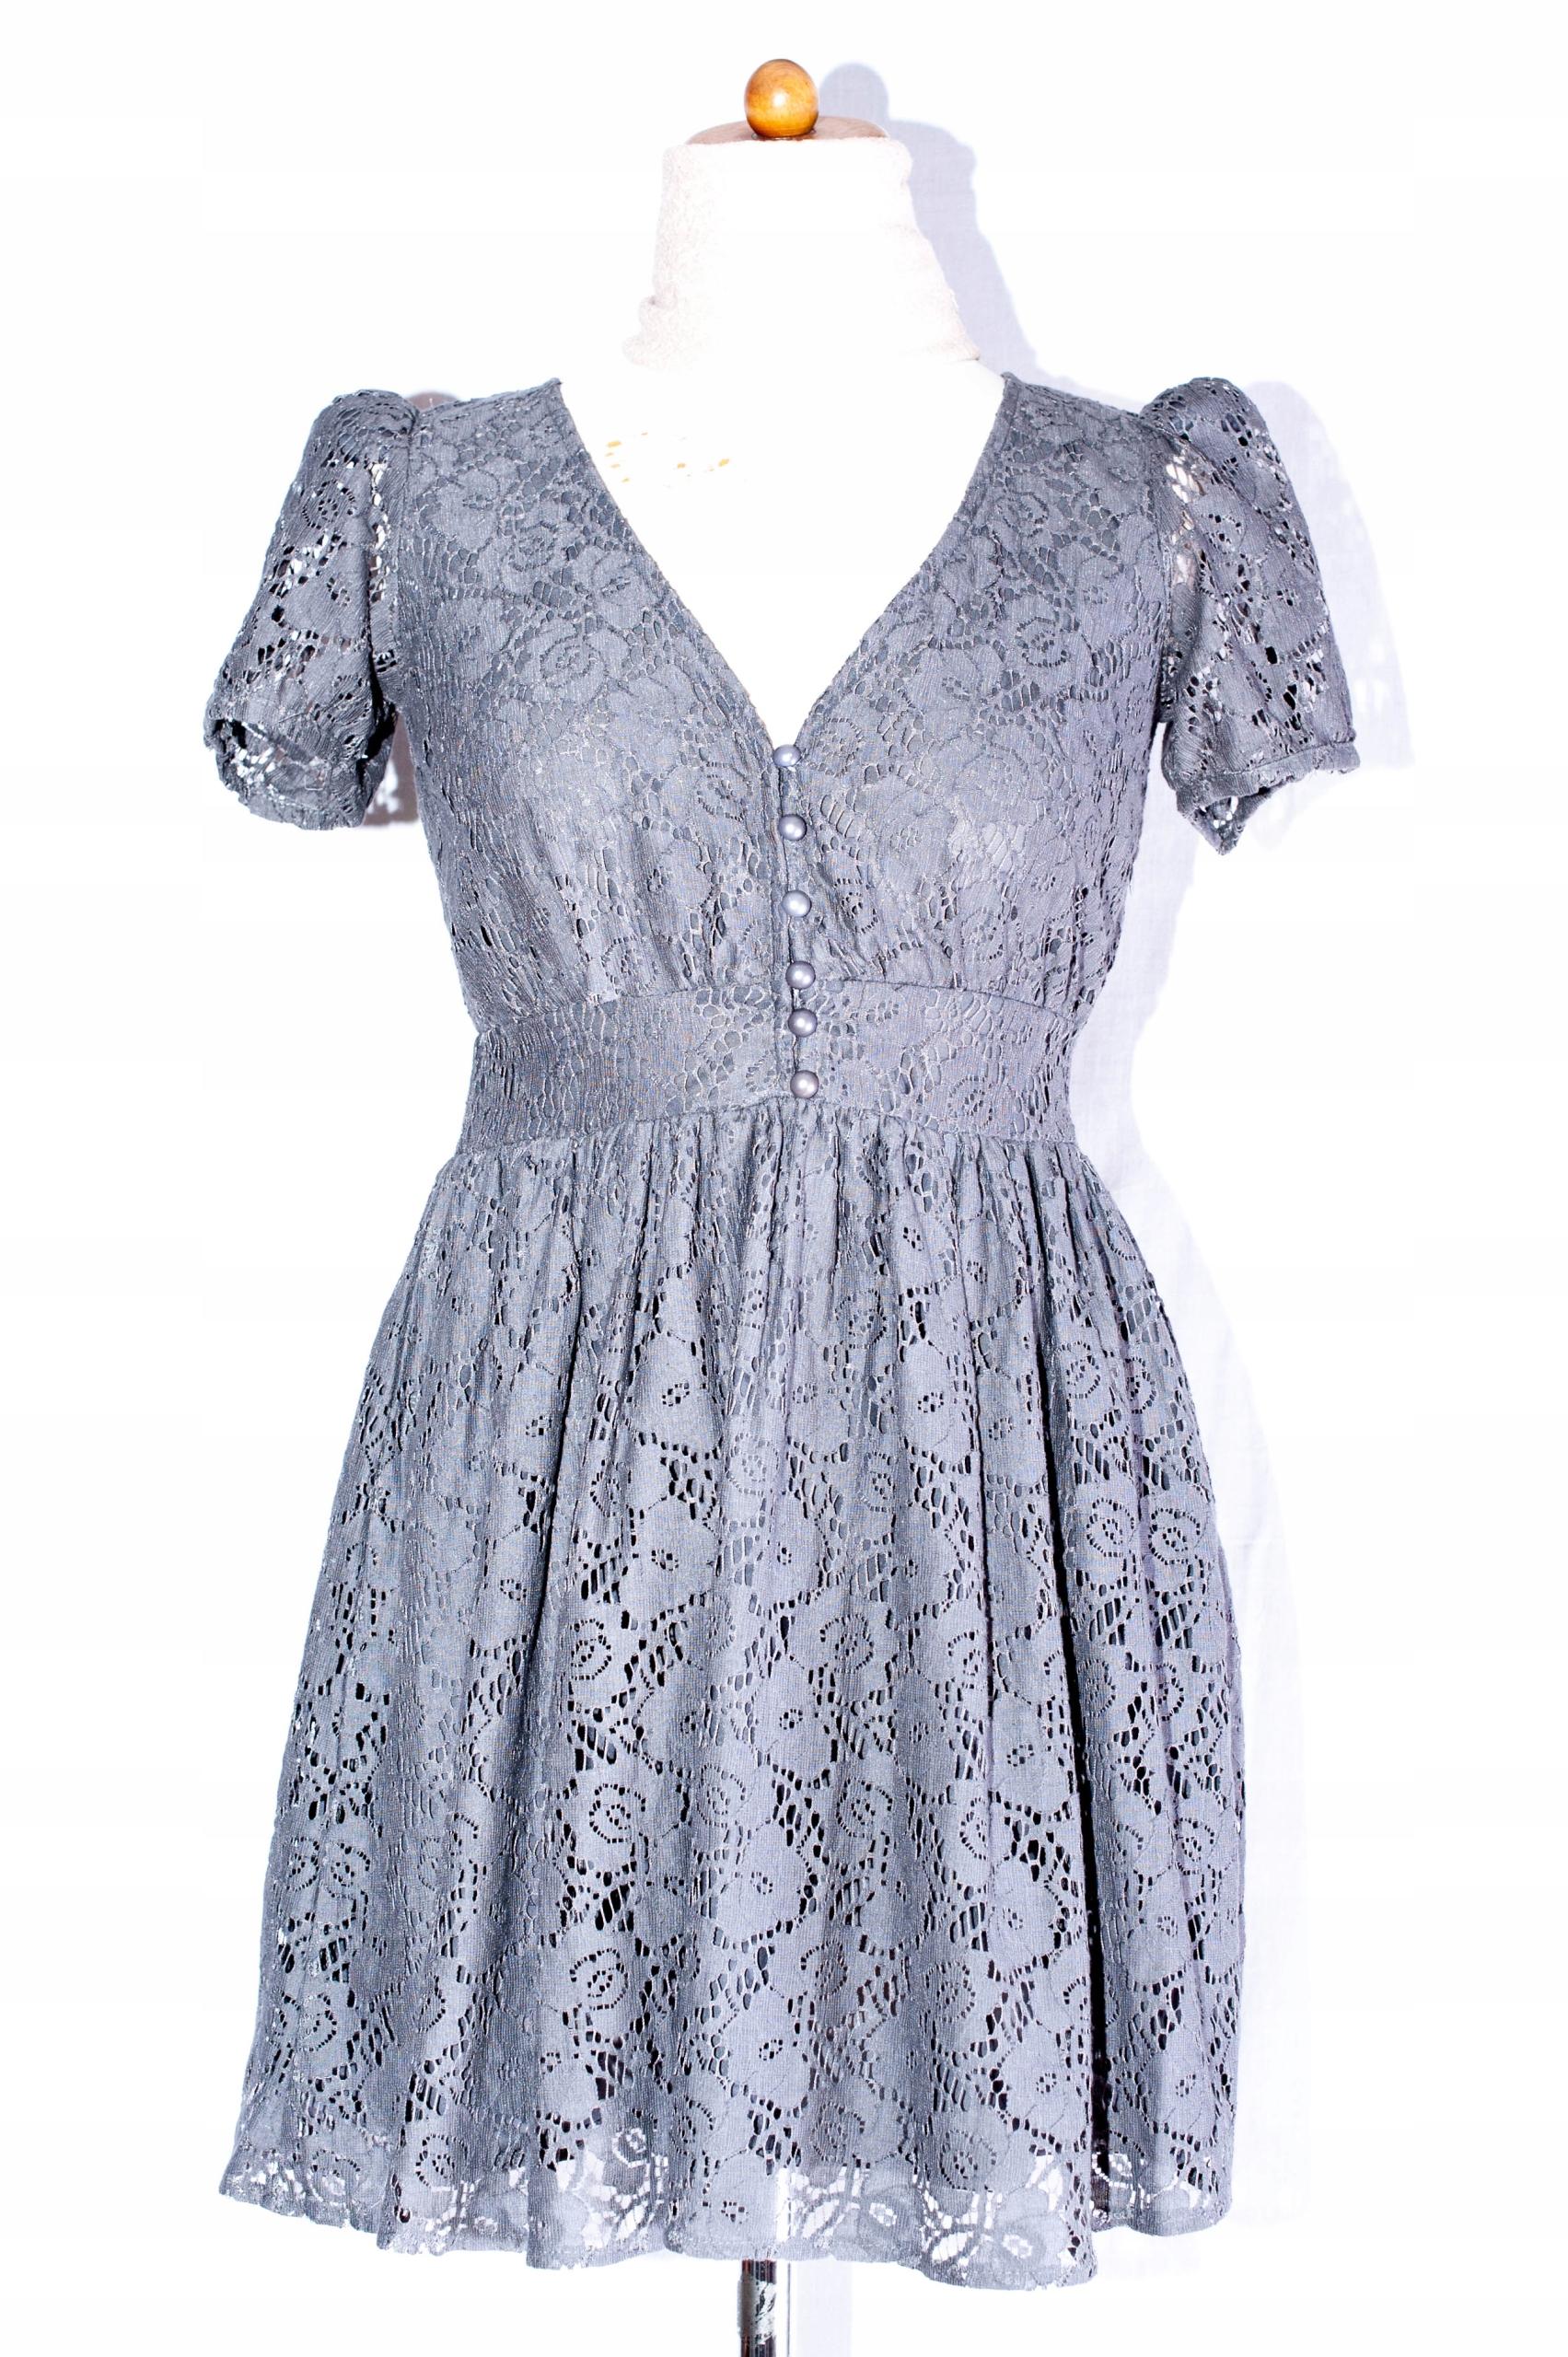 de32a2ca75 Szara sukienka koronkowa rozkloszowana roz 8 - 7456893496 ...